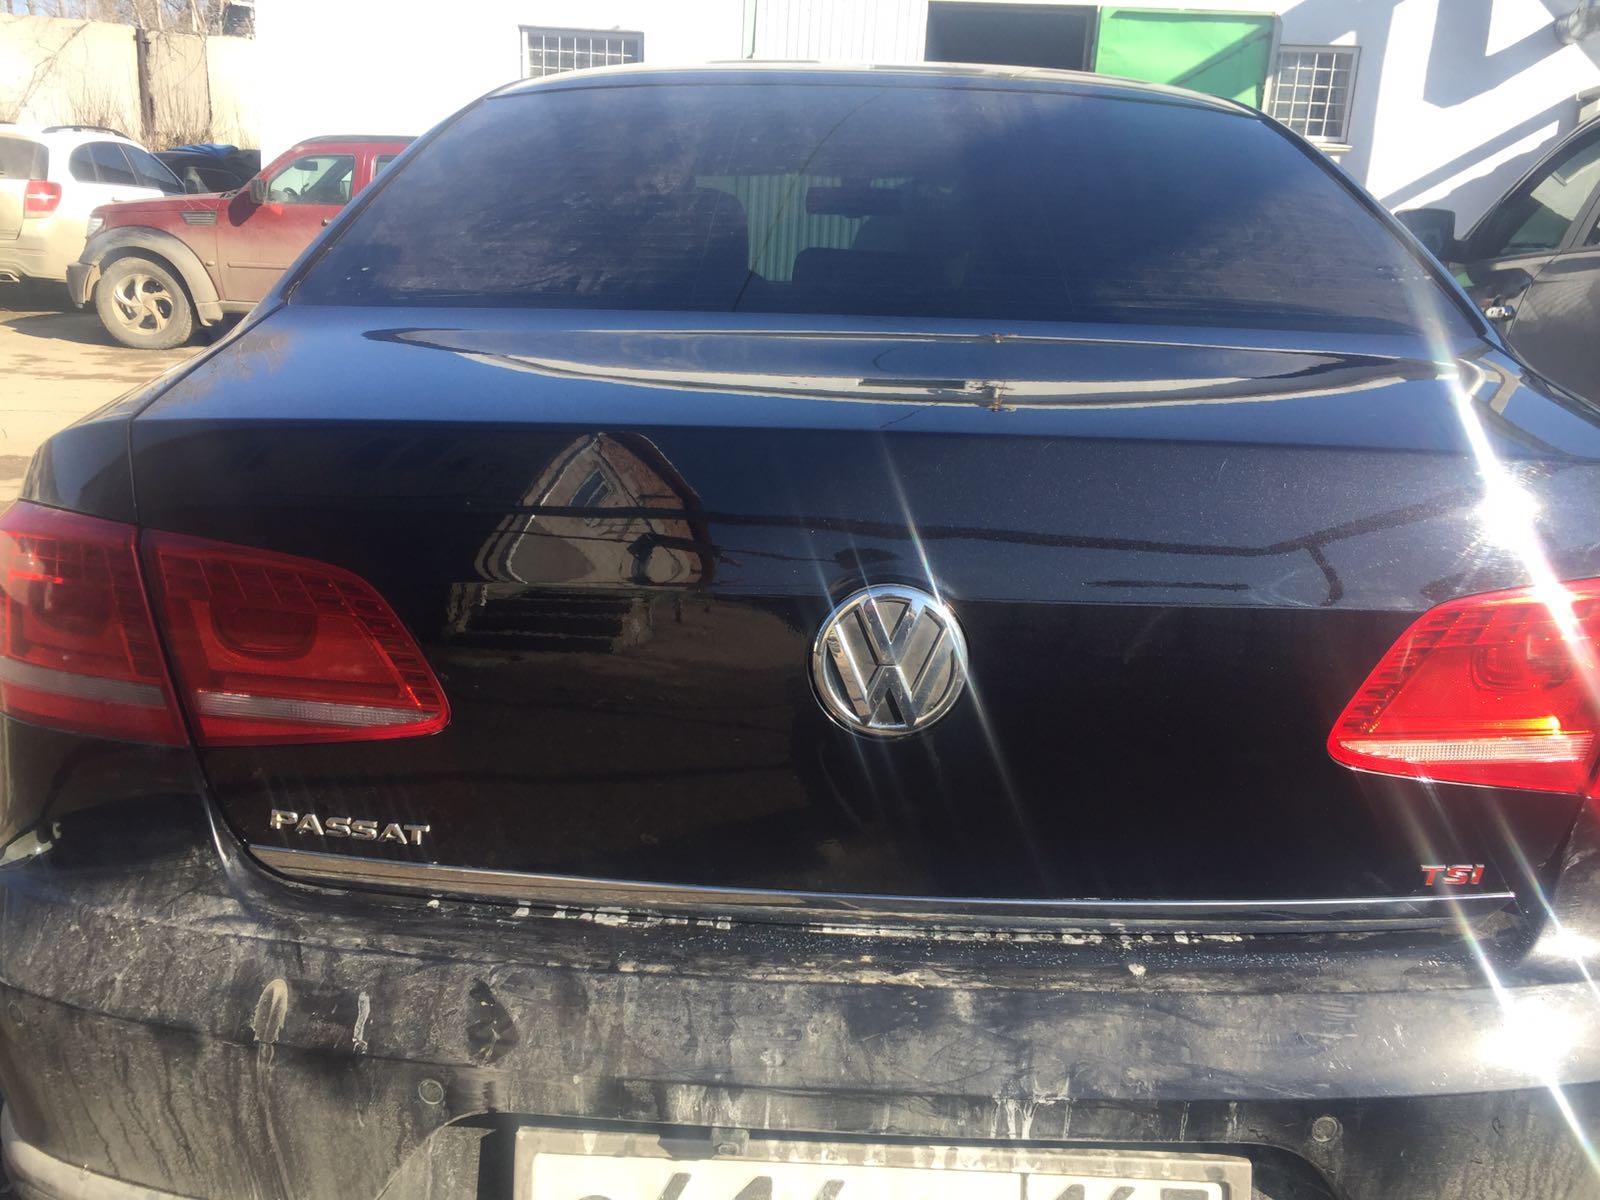 Фольксваген Пассат В7/Volkswagen Passat B7 - Локальная грунтовка и покраска - после